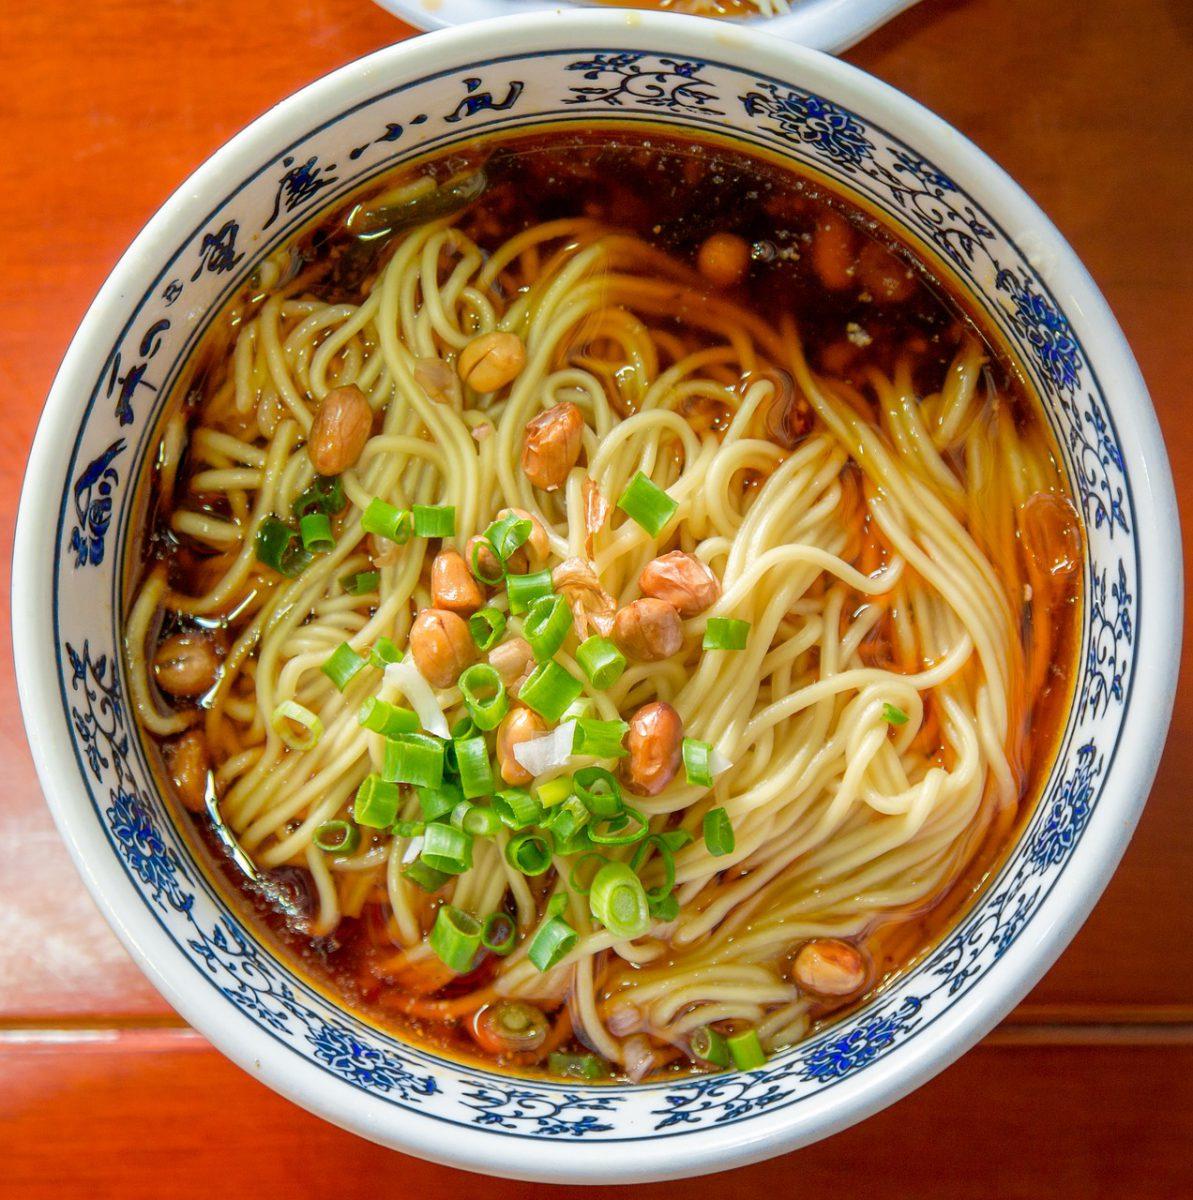 生中華麺で電子レンジを使うタイミングは?調理することは可能?